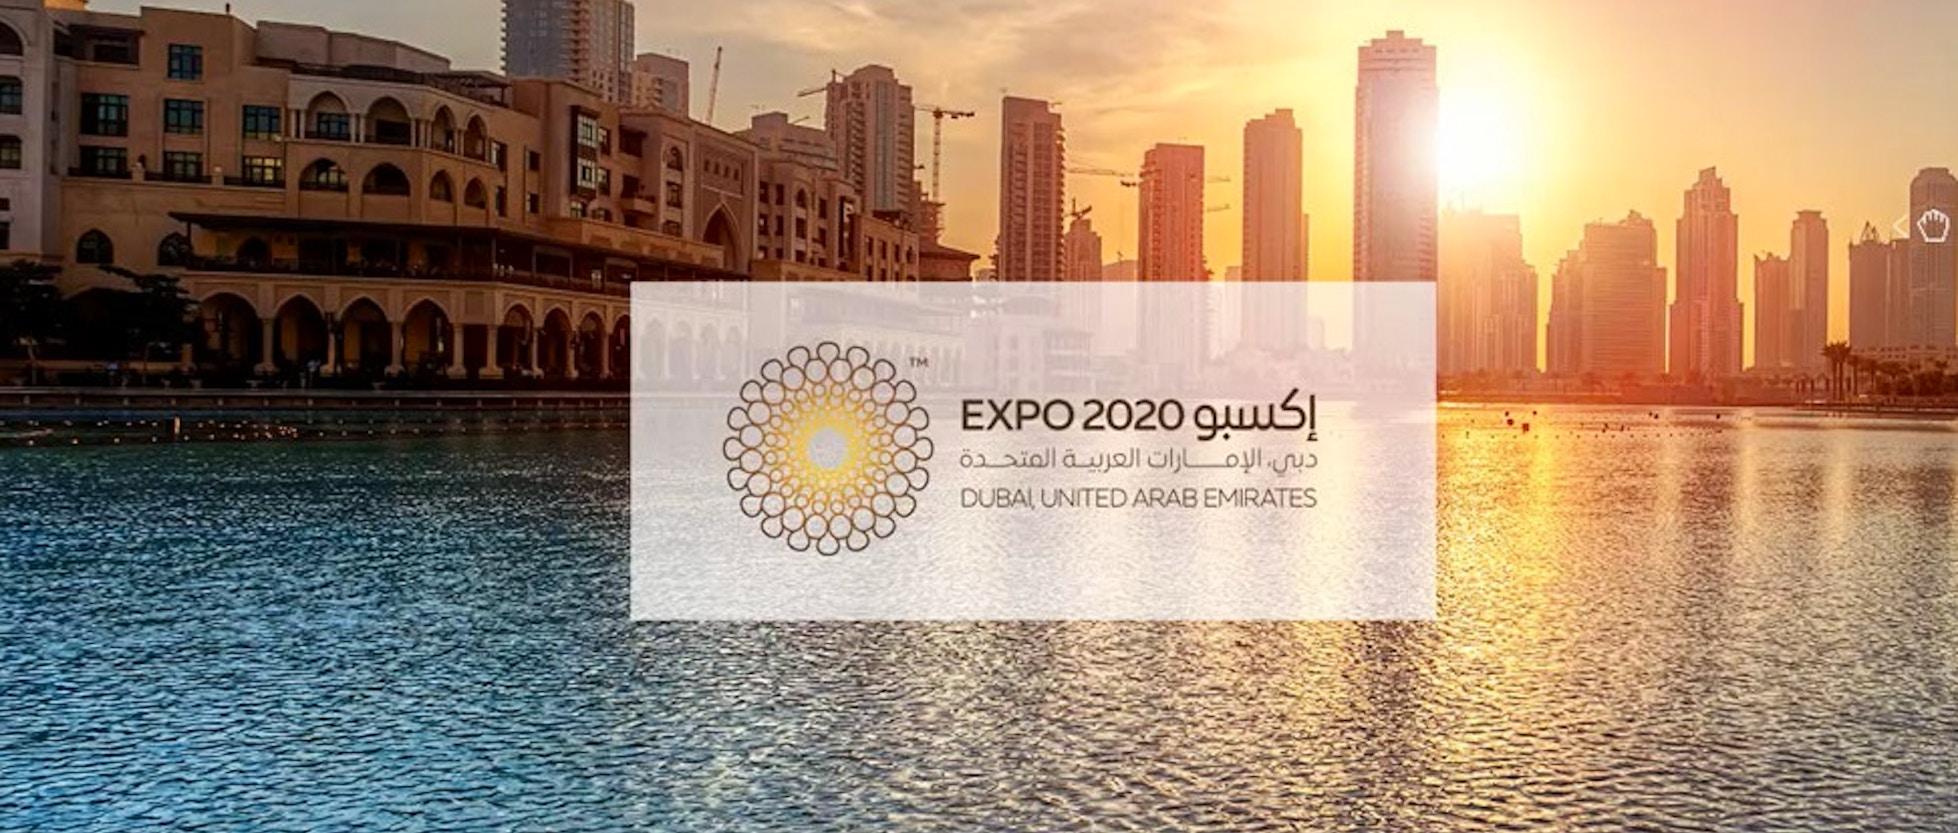 Dubai Expo 2020: tutto ciò che c\'è da sapere | VIVI Dubai